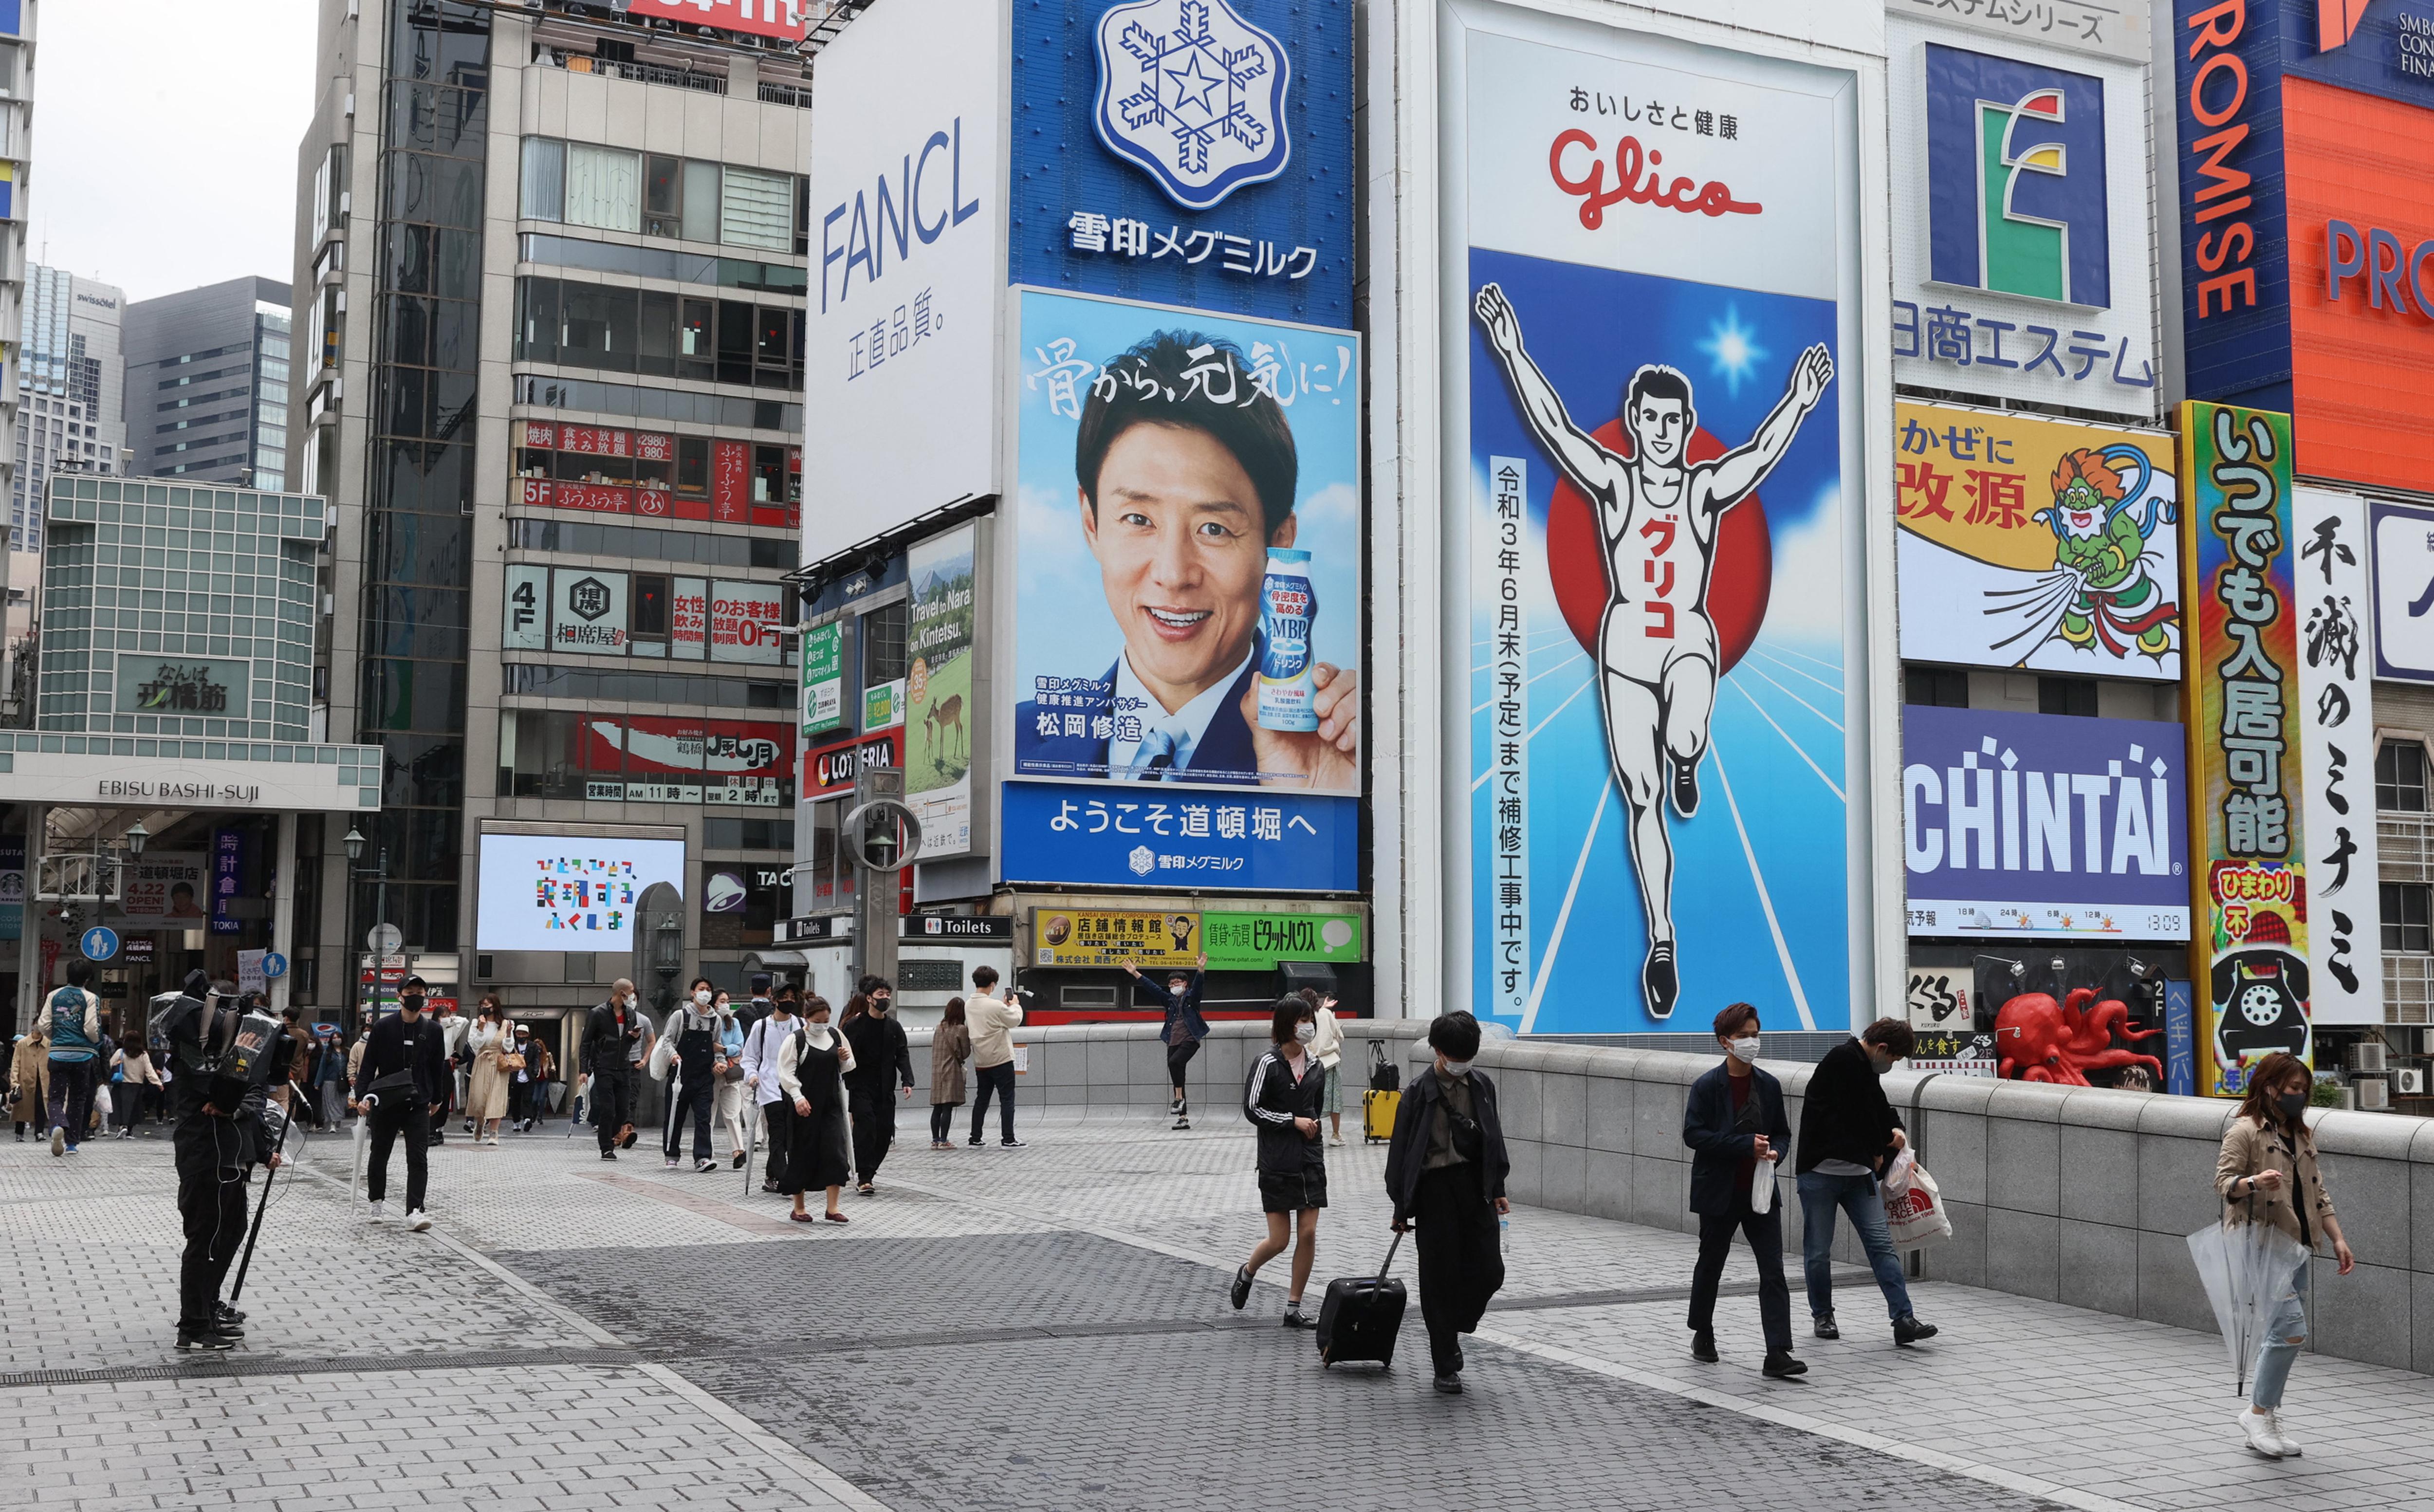 Elveszik az akkreditációt azoktól a sportolóktól, akik városnézésre indulnak Tokióban